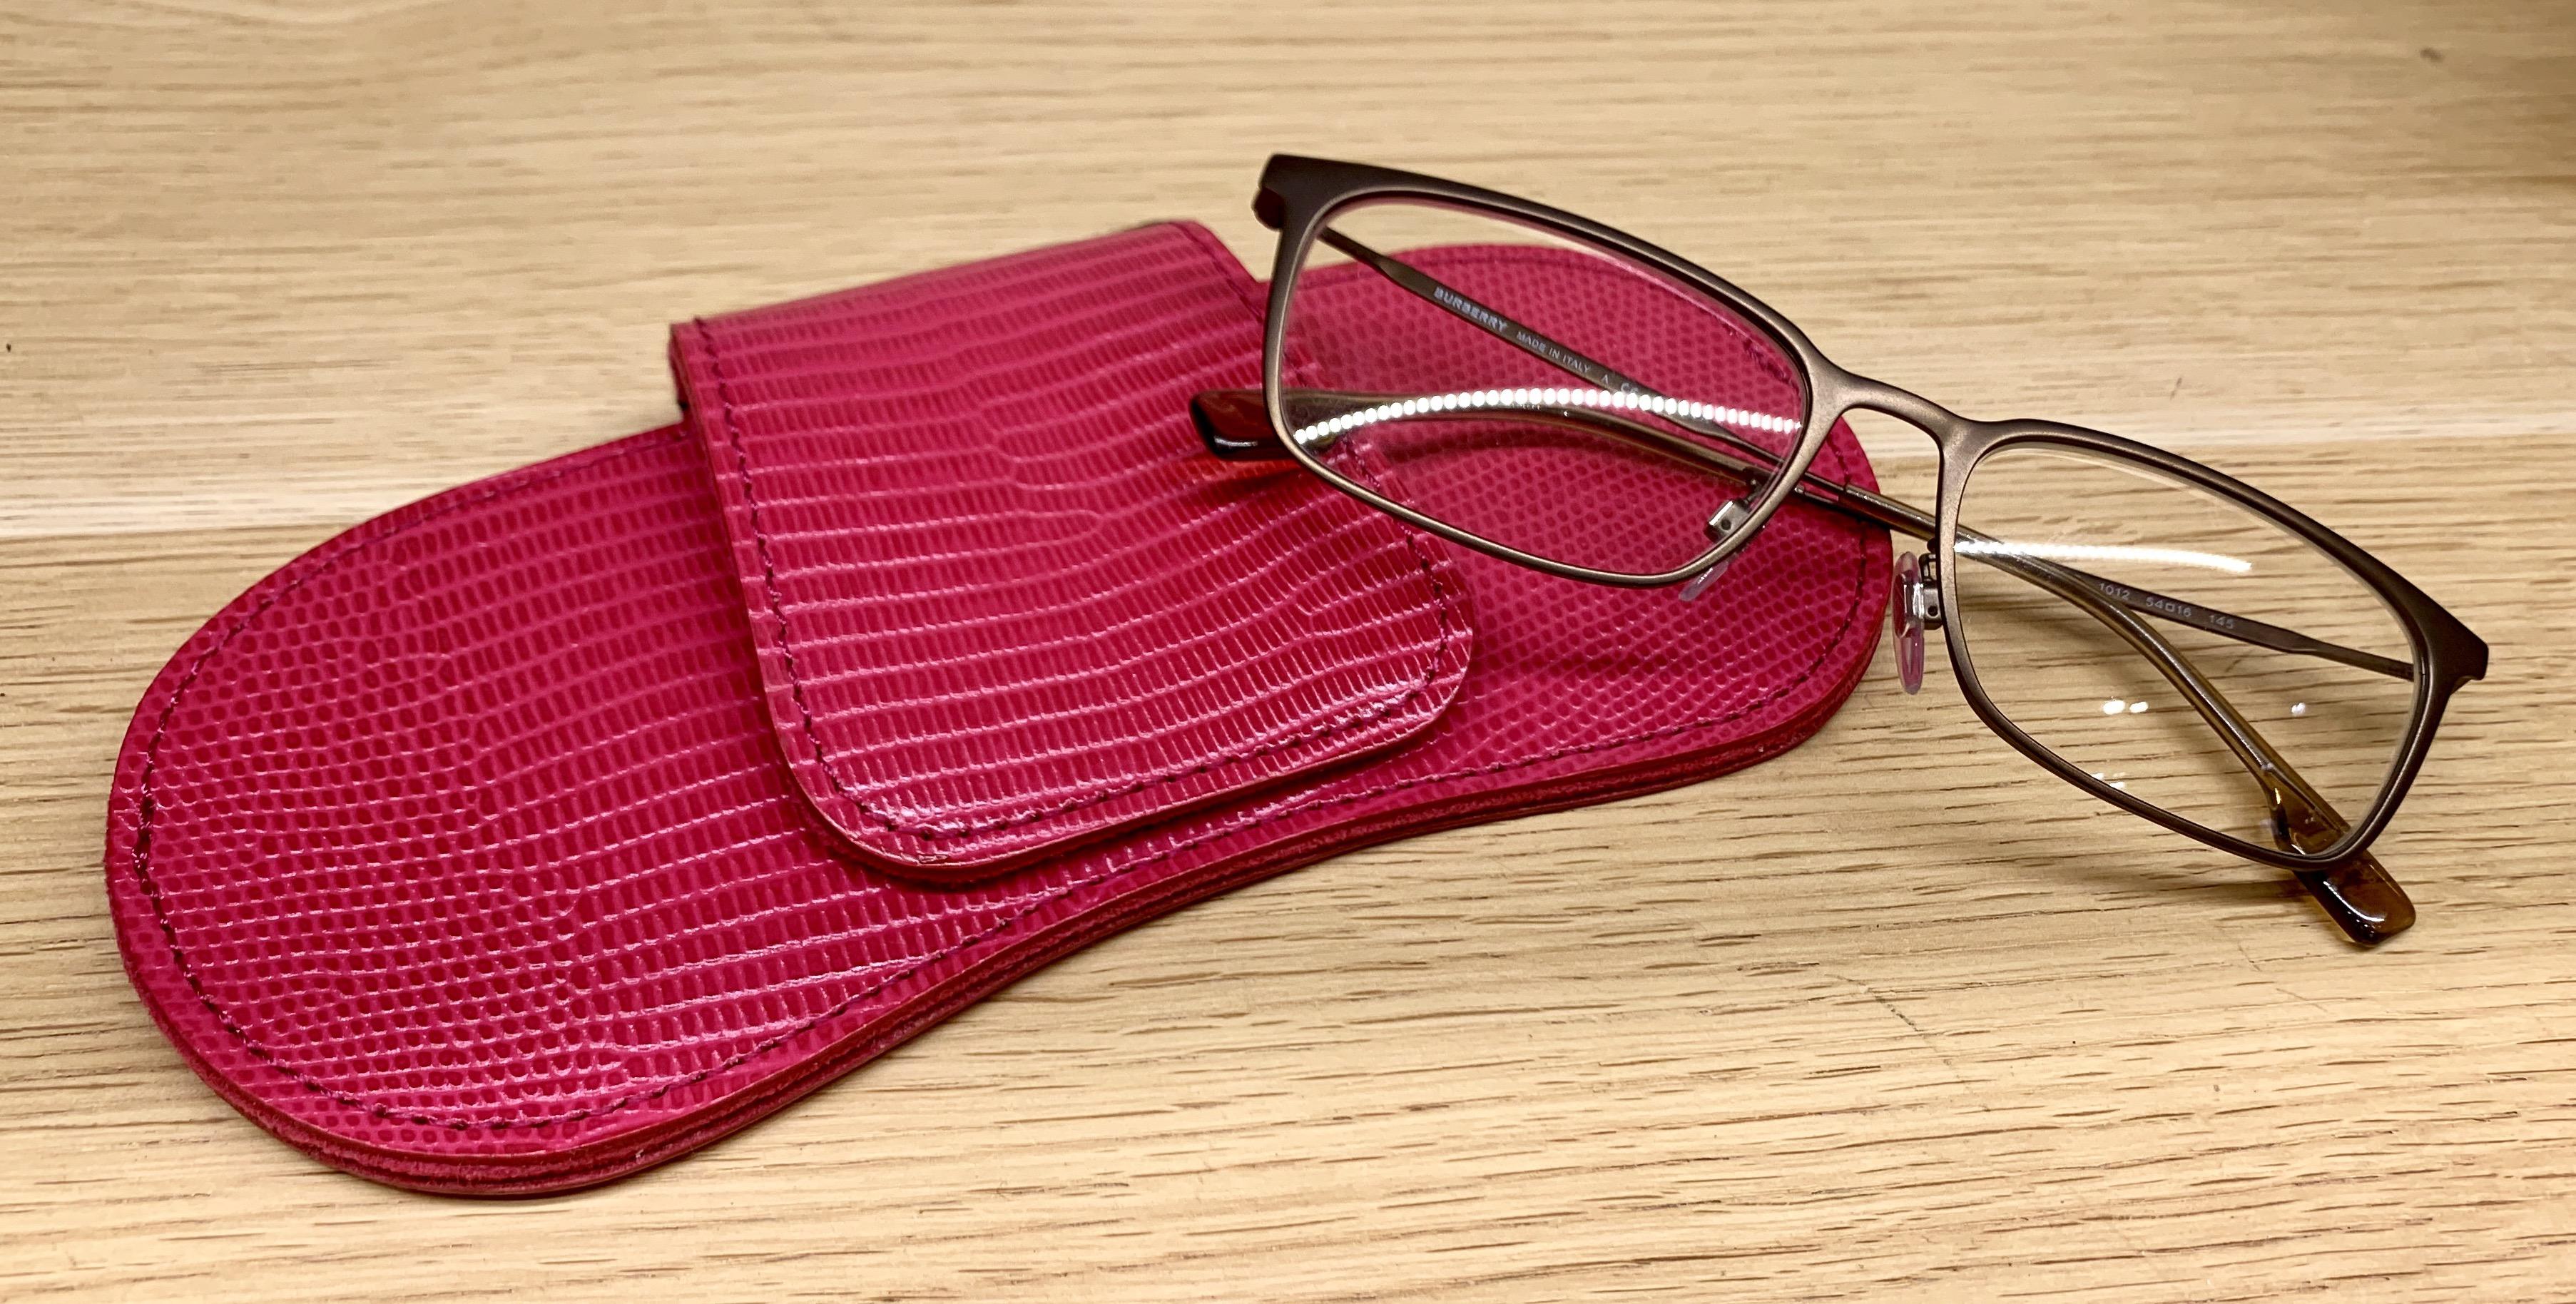 ScrapBook スクラップブック 有楽町 有楽町マルイ TOFF&LOADSTONE トフアンドロードストーン シンプル コンパクト 上品 スマート きれい かっこいい 牛革 薄い アイウェアケース 眼鏡 サングラス 眼鏡ケース めがね